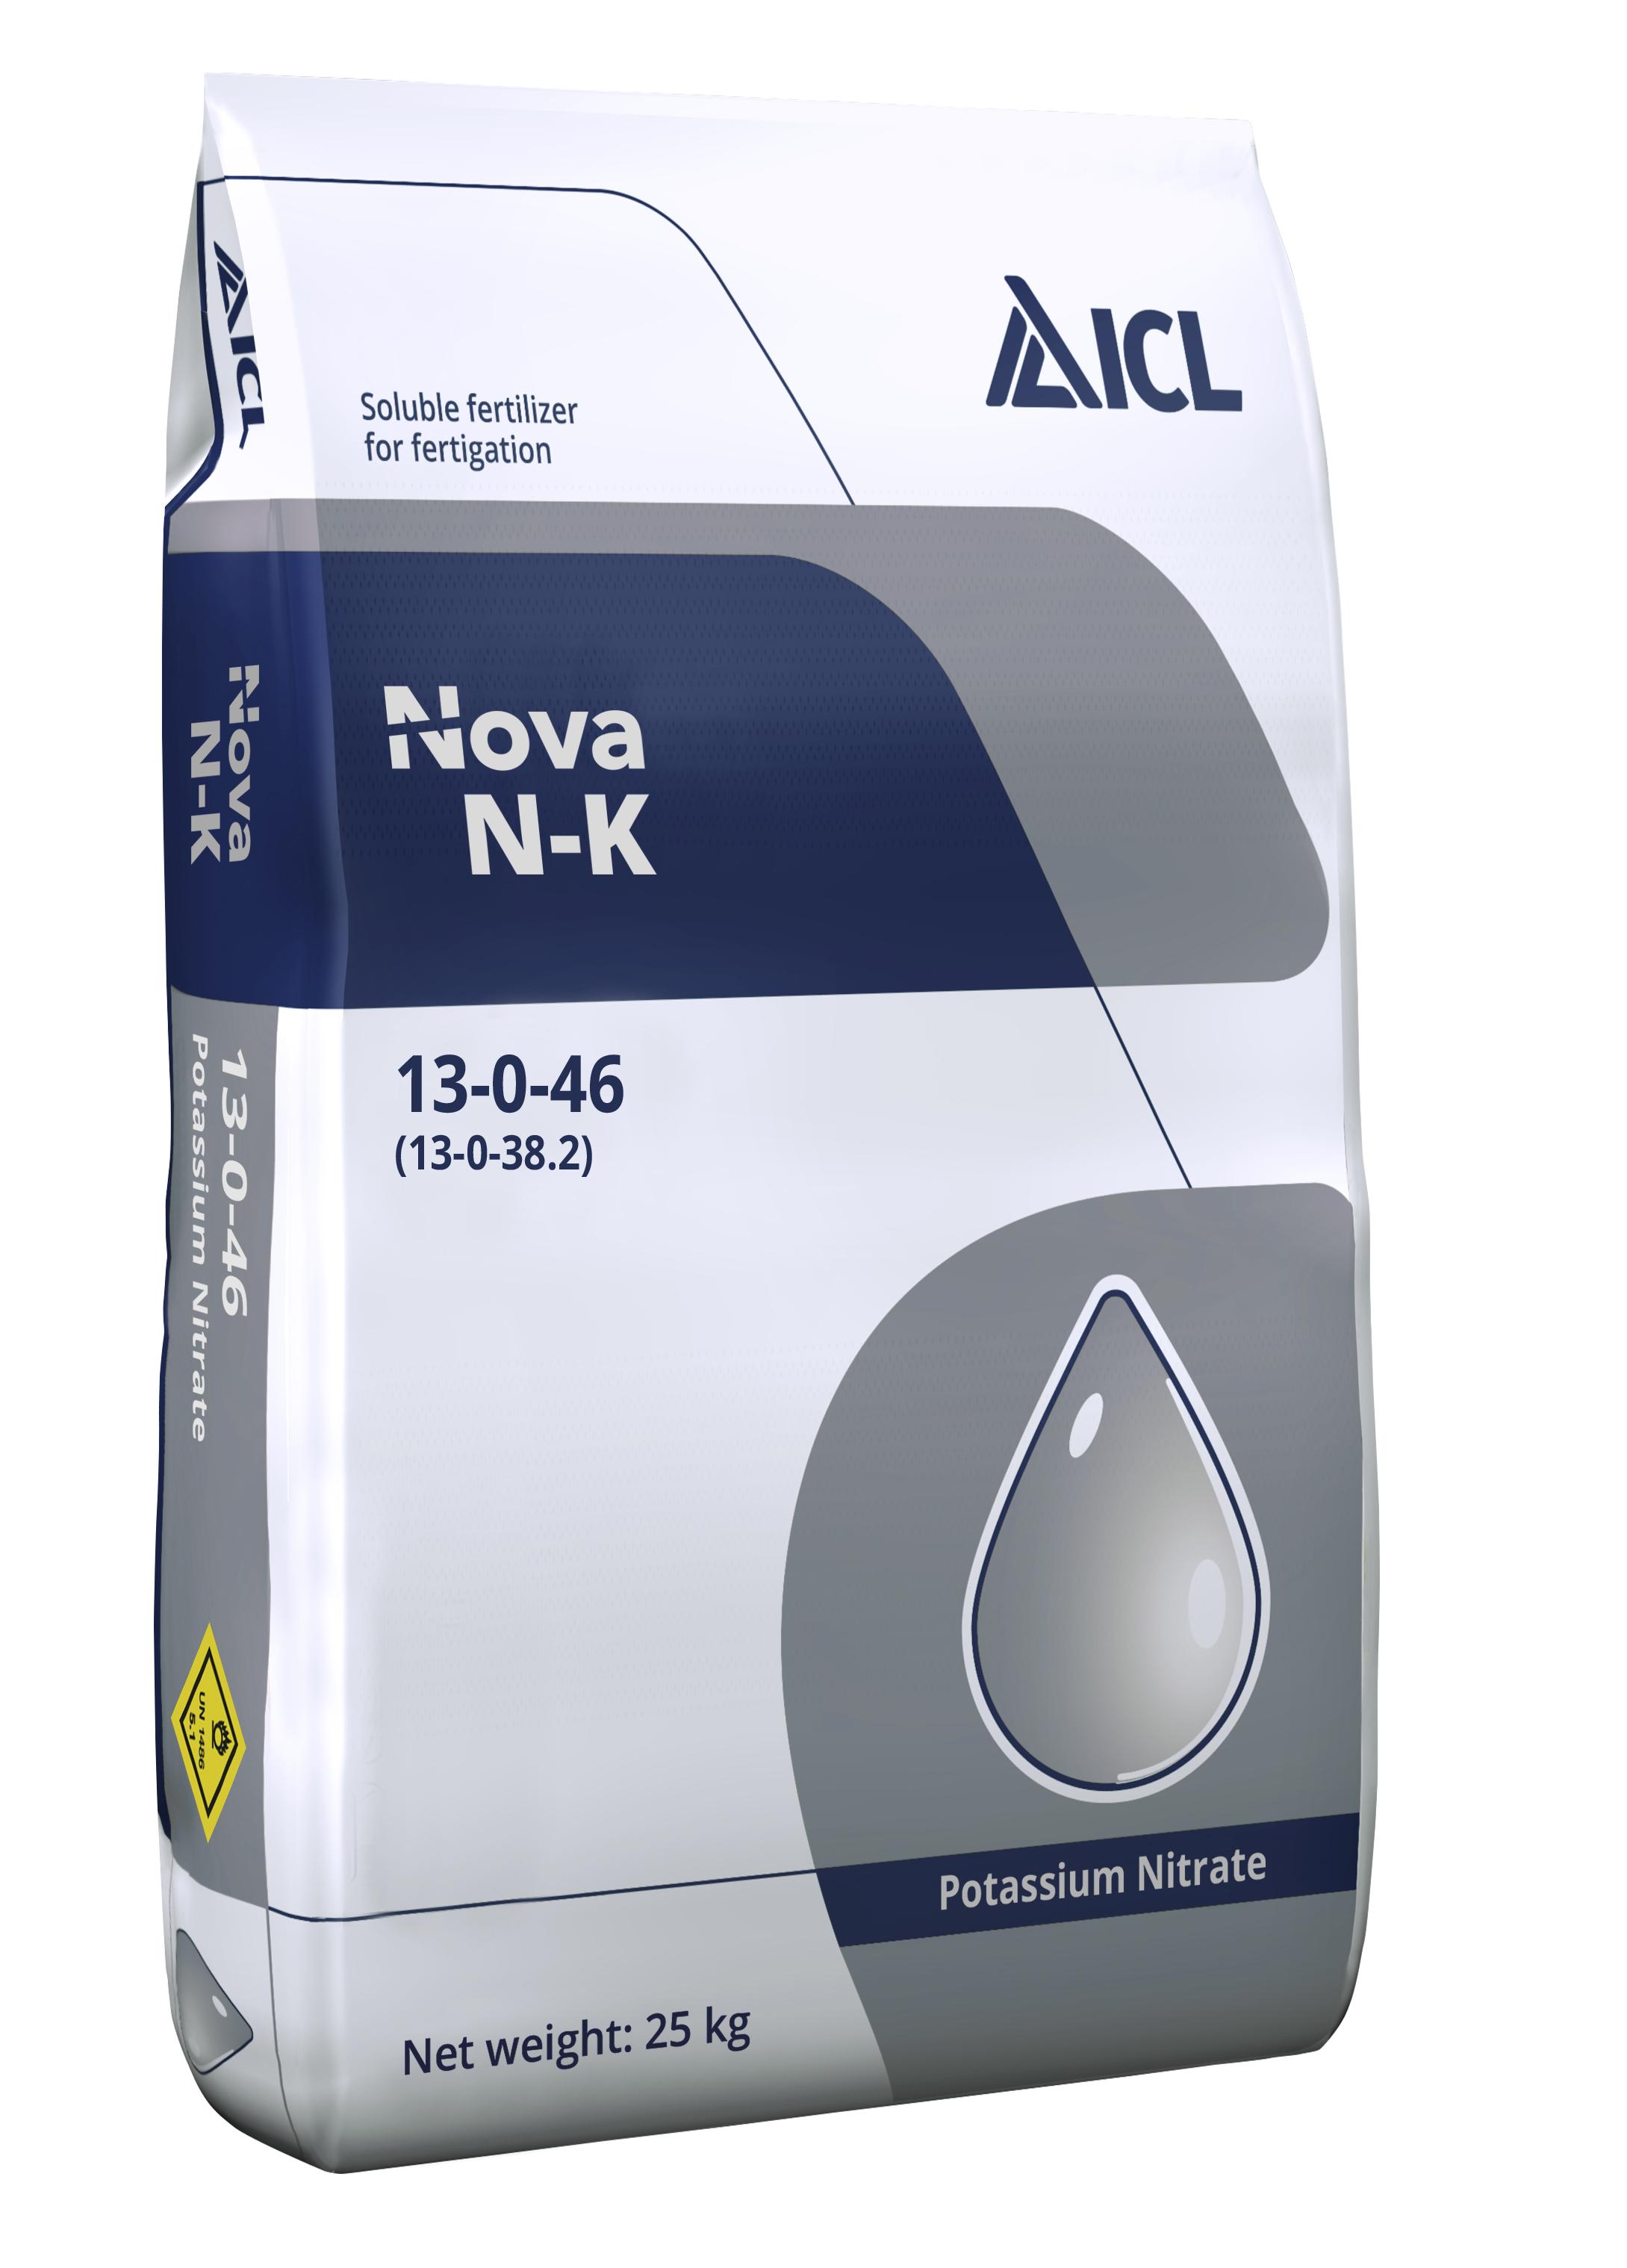 Nova Nova N-K